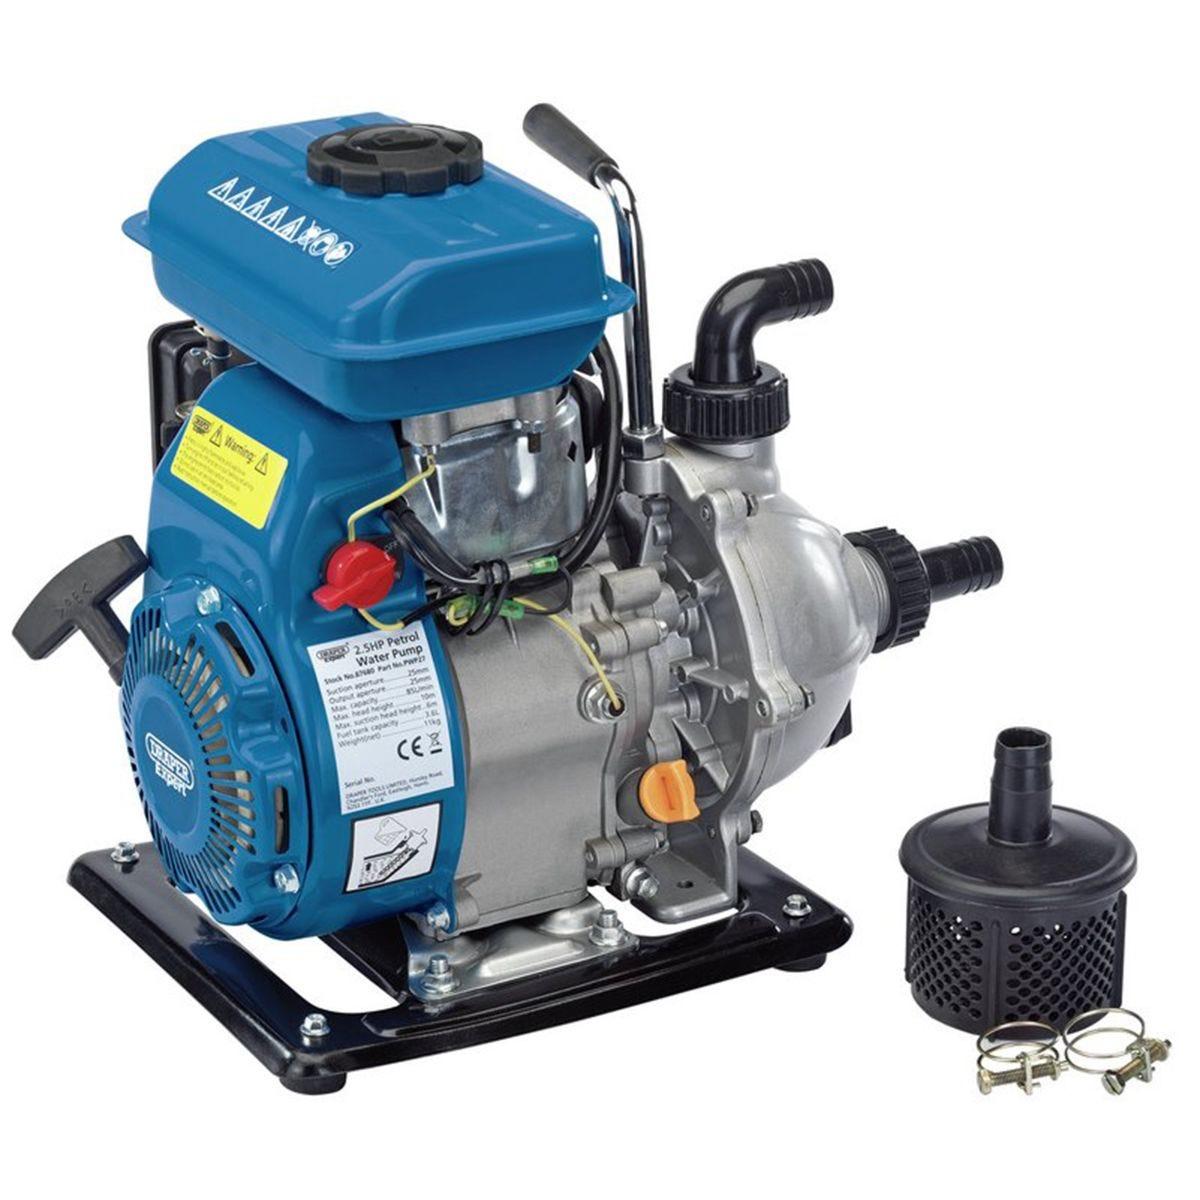 Draper Petrol Water Pump (85L/Min)